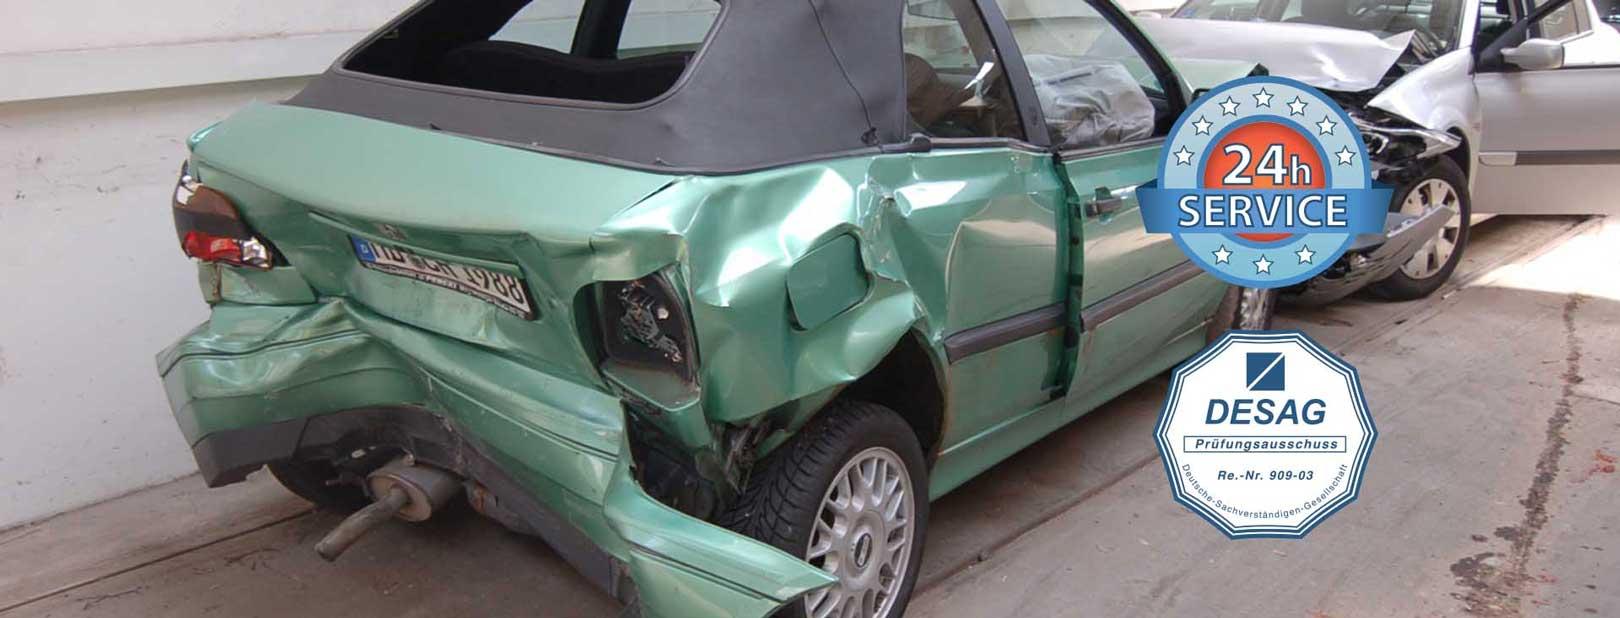 Unfallauto - Unfall! Was tun?